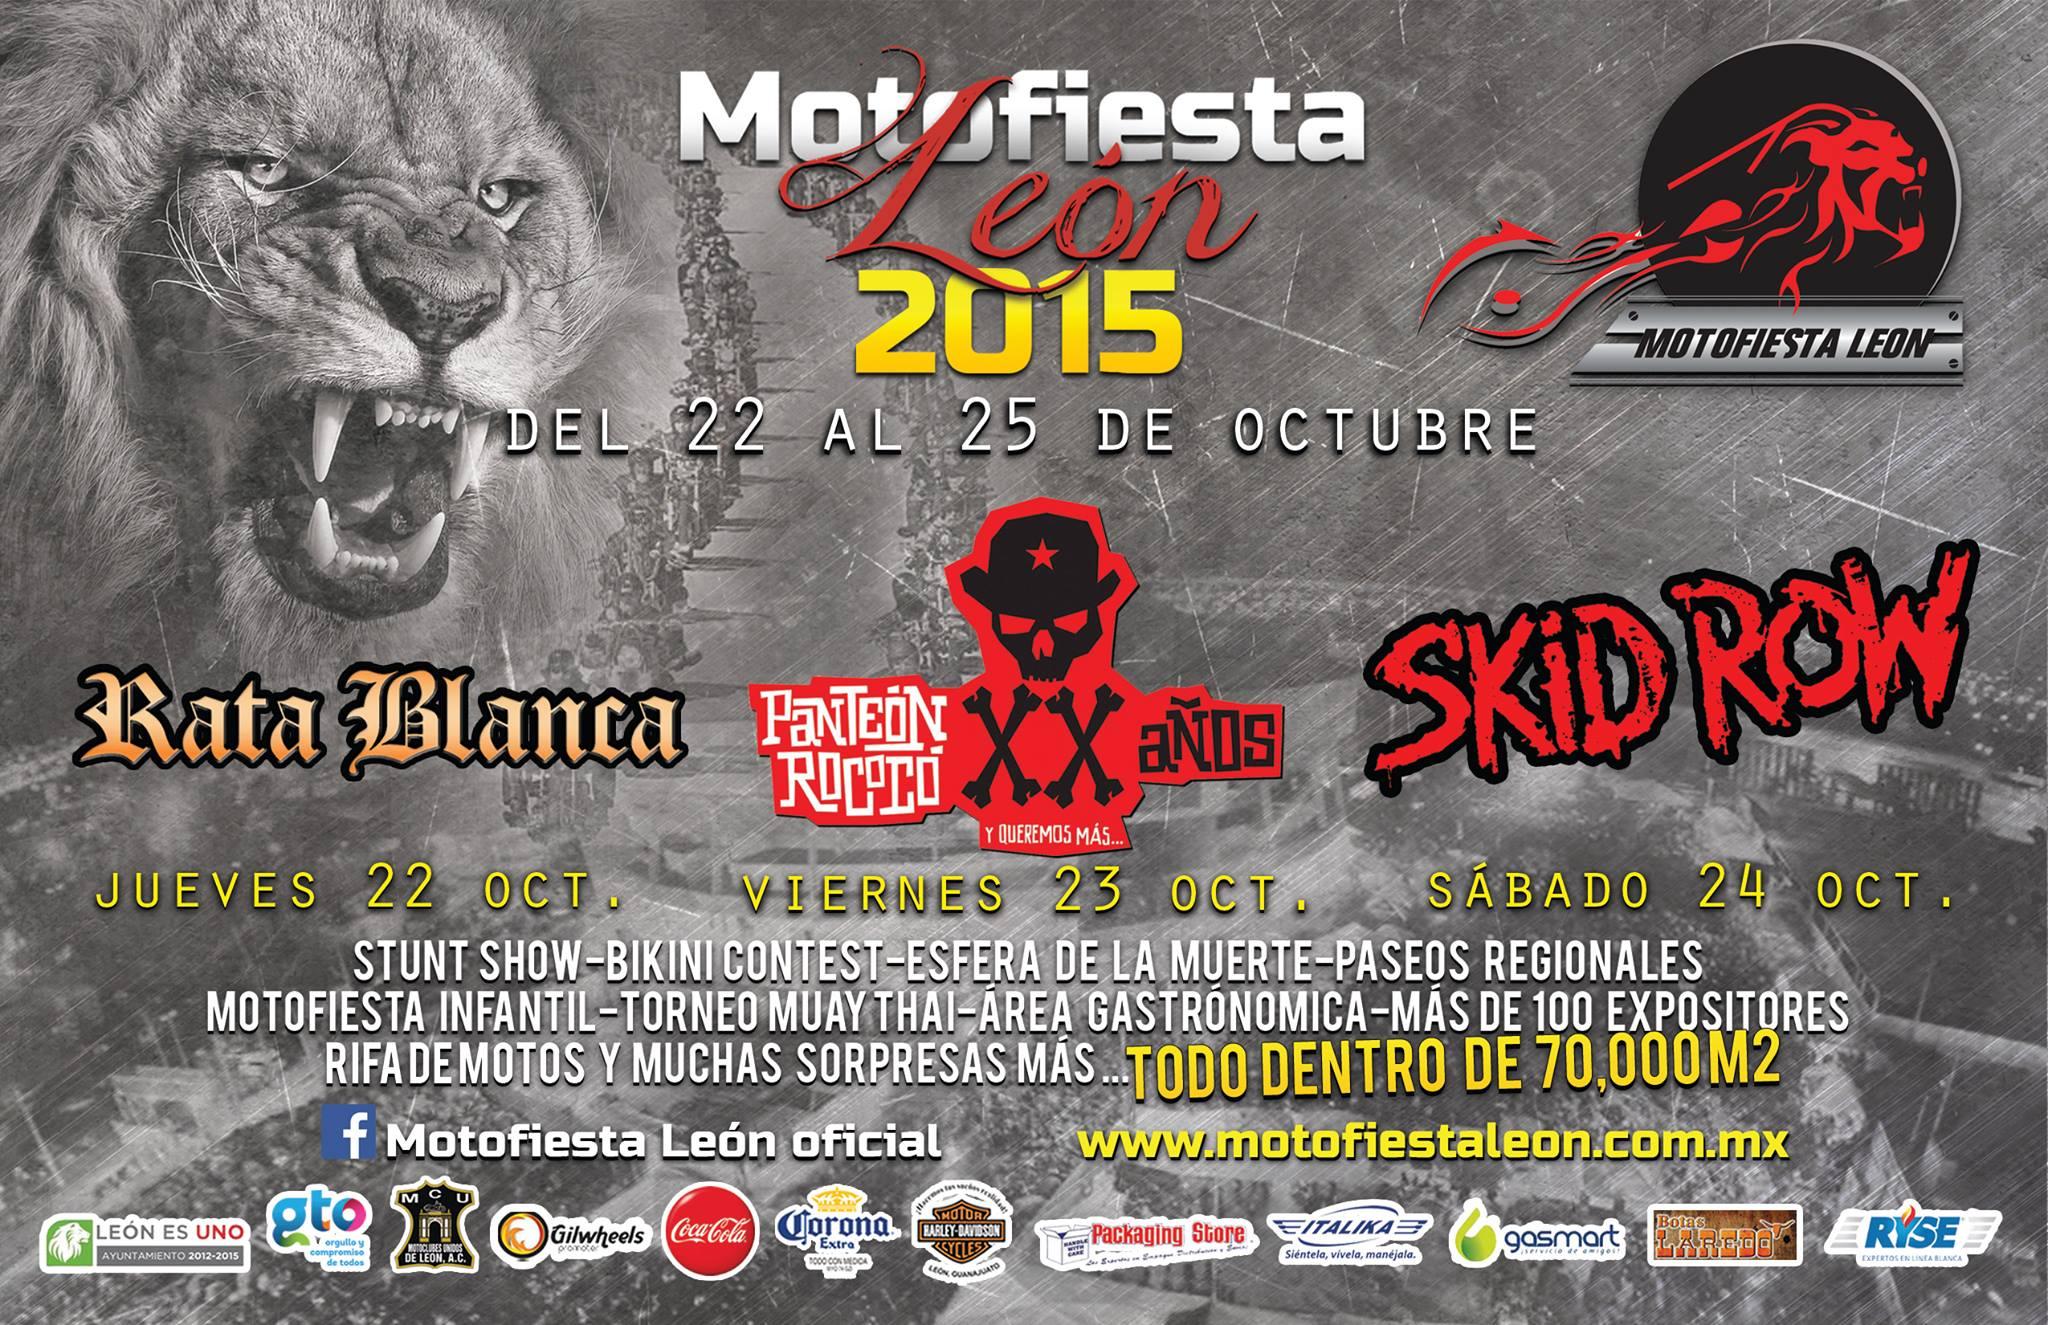 Skid Row en Motofiesta León 2015